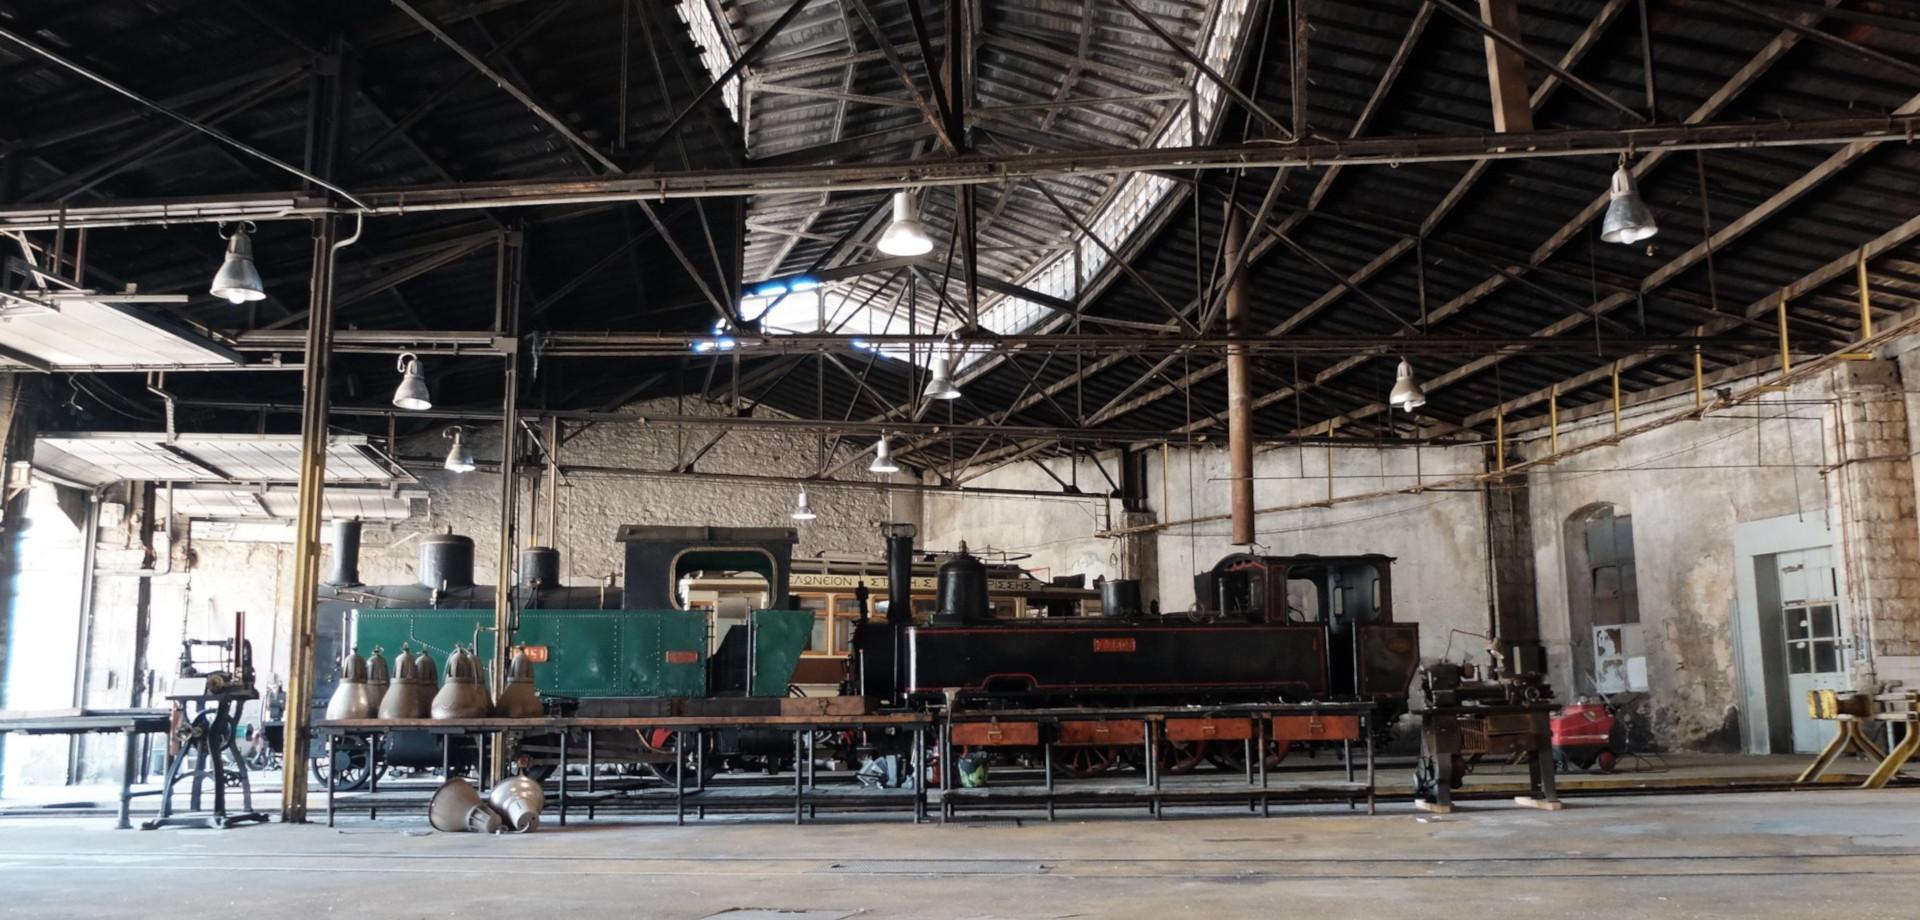 Nέο Σιδηροδρομικό Μουσείο Πειραιά